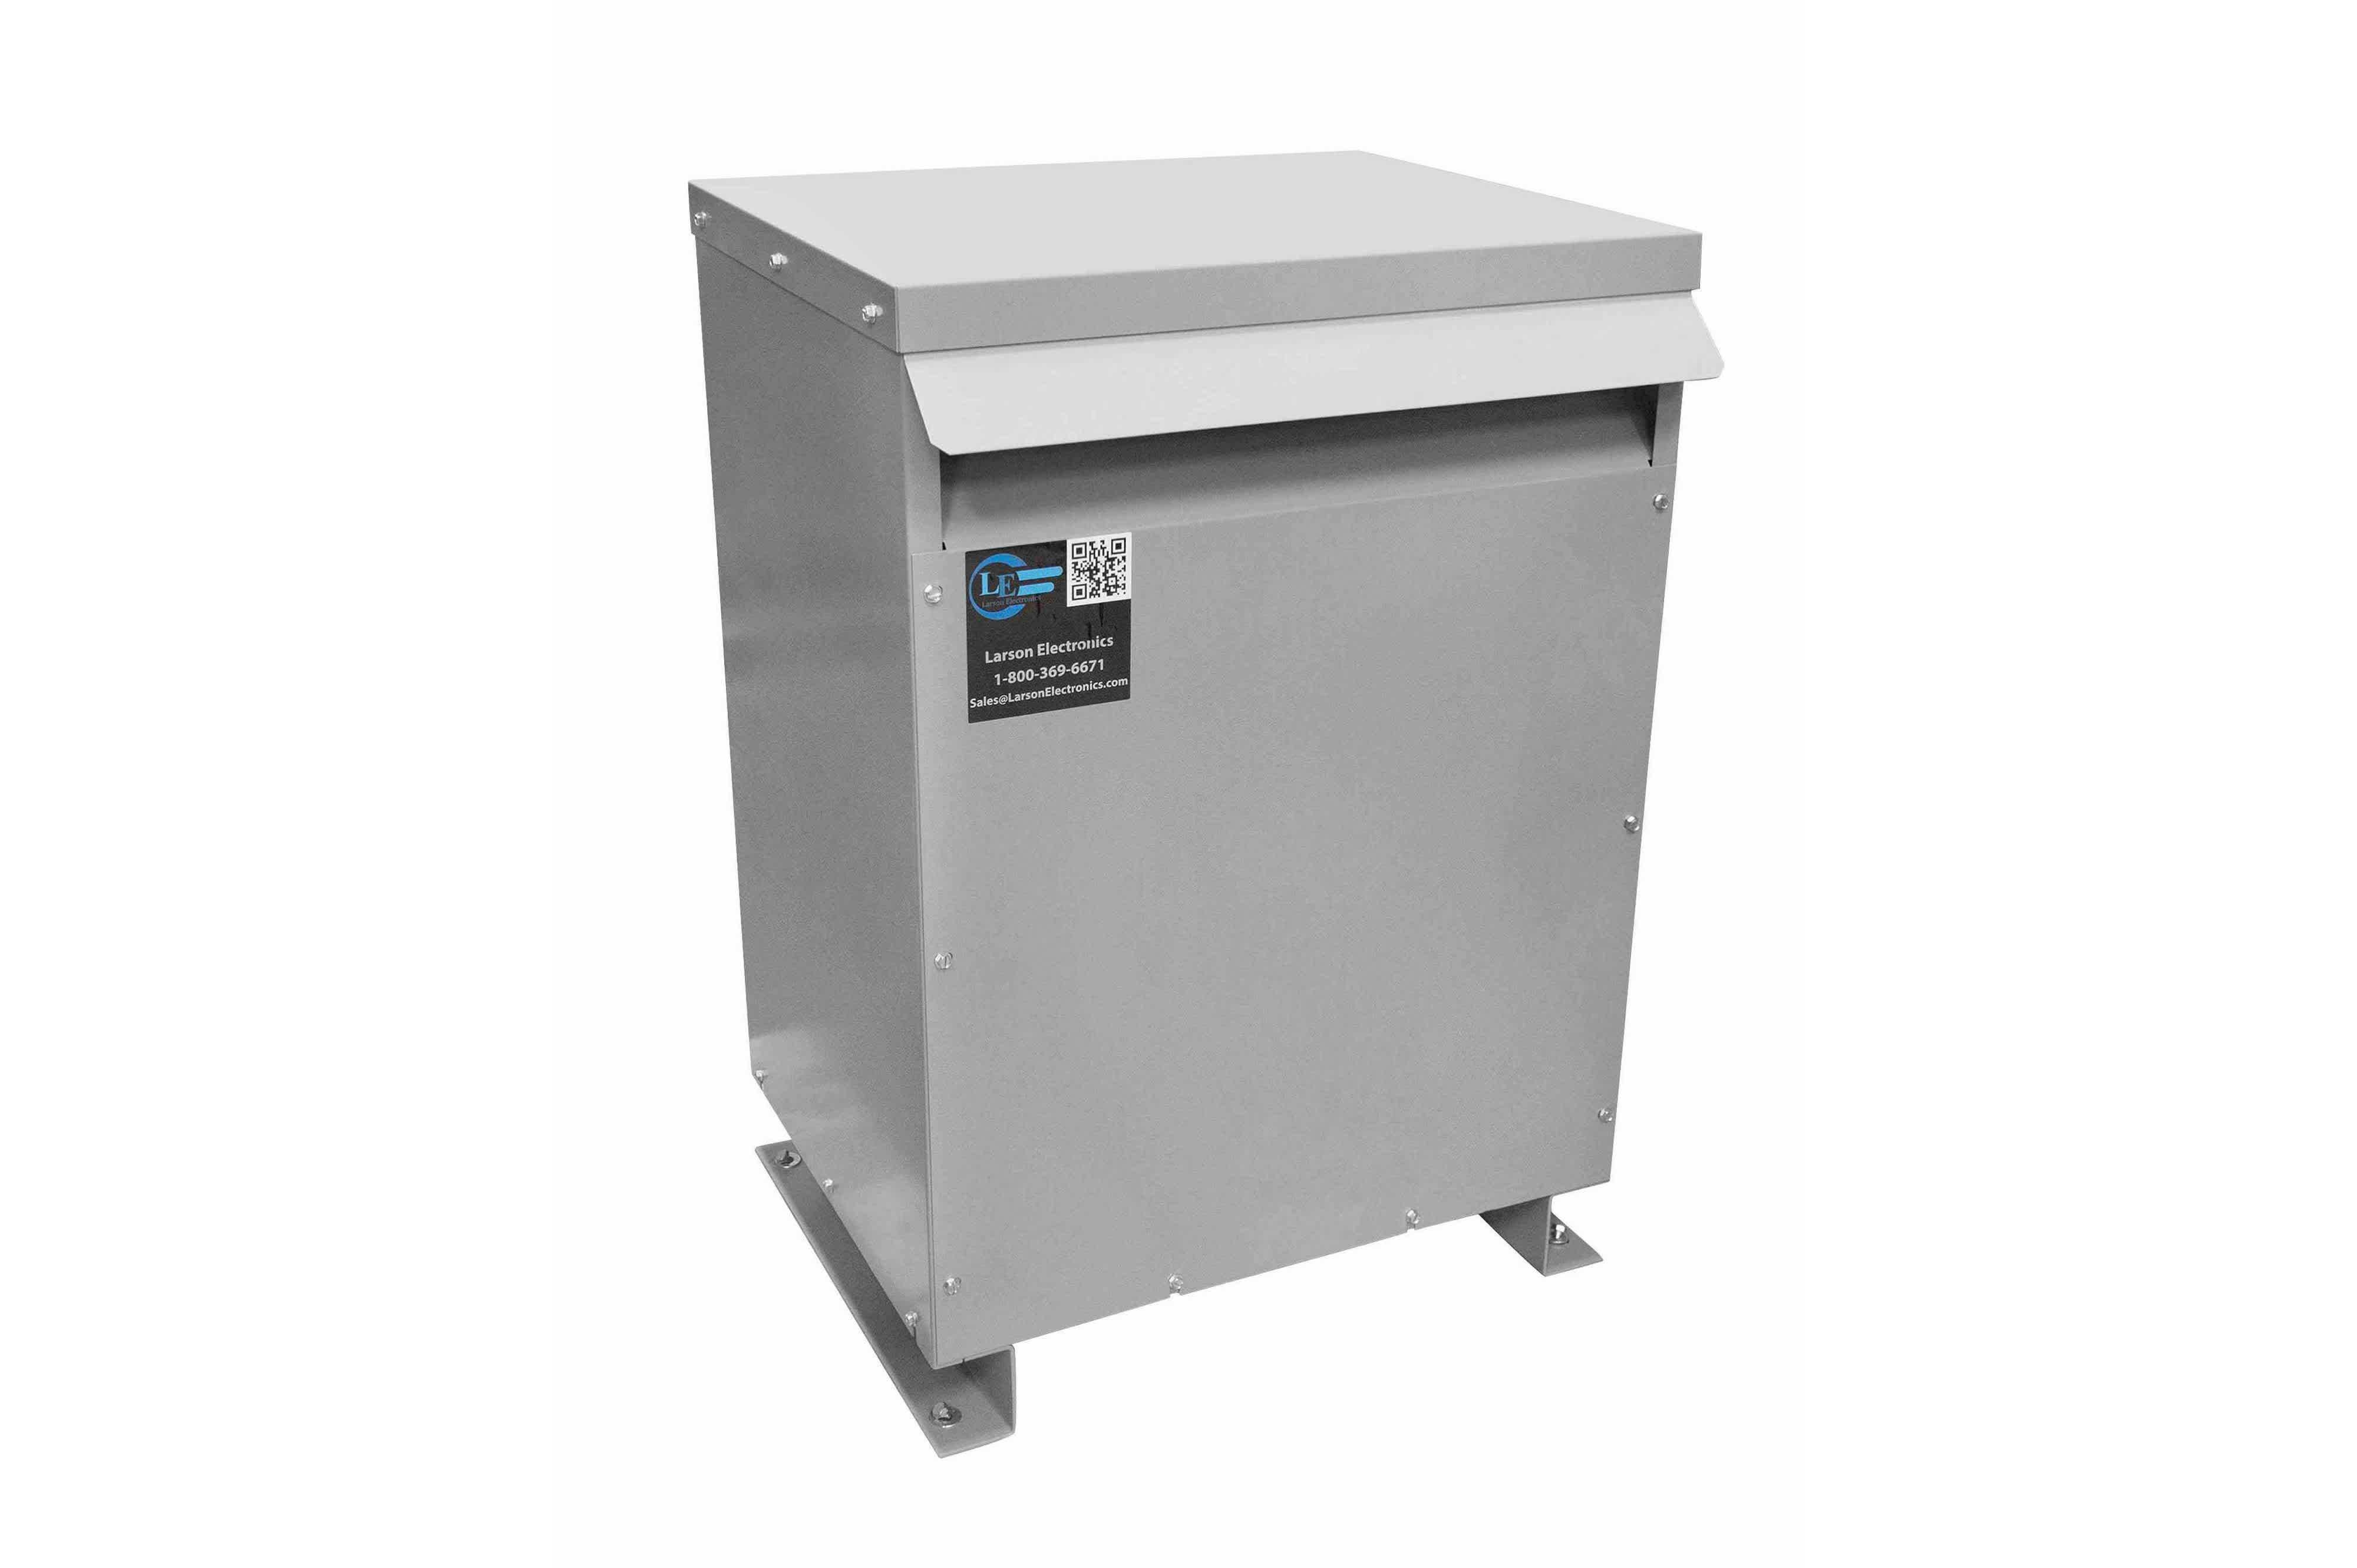 175 kVA 3PH Isolation Transformer, 380V Delta Primary, 240 Delta Secondary, N3R, Ventilated, 60 Hz